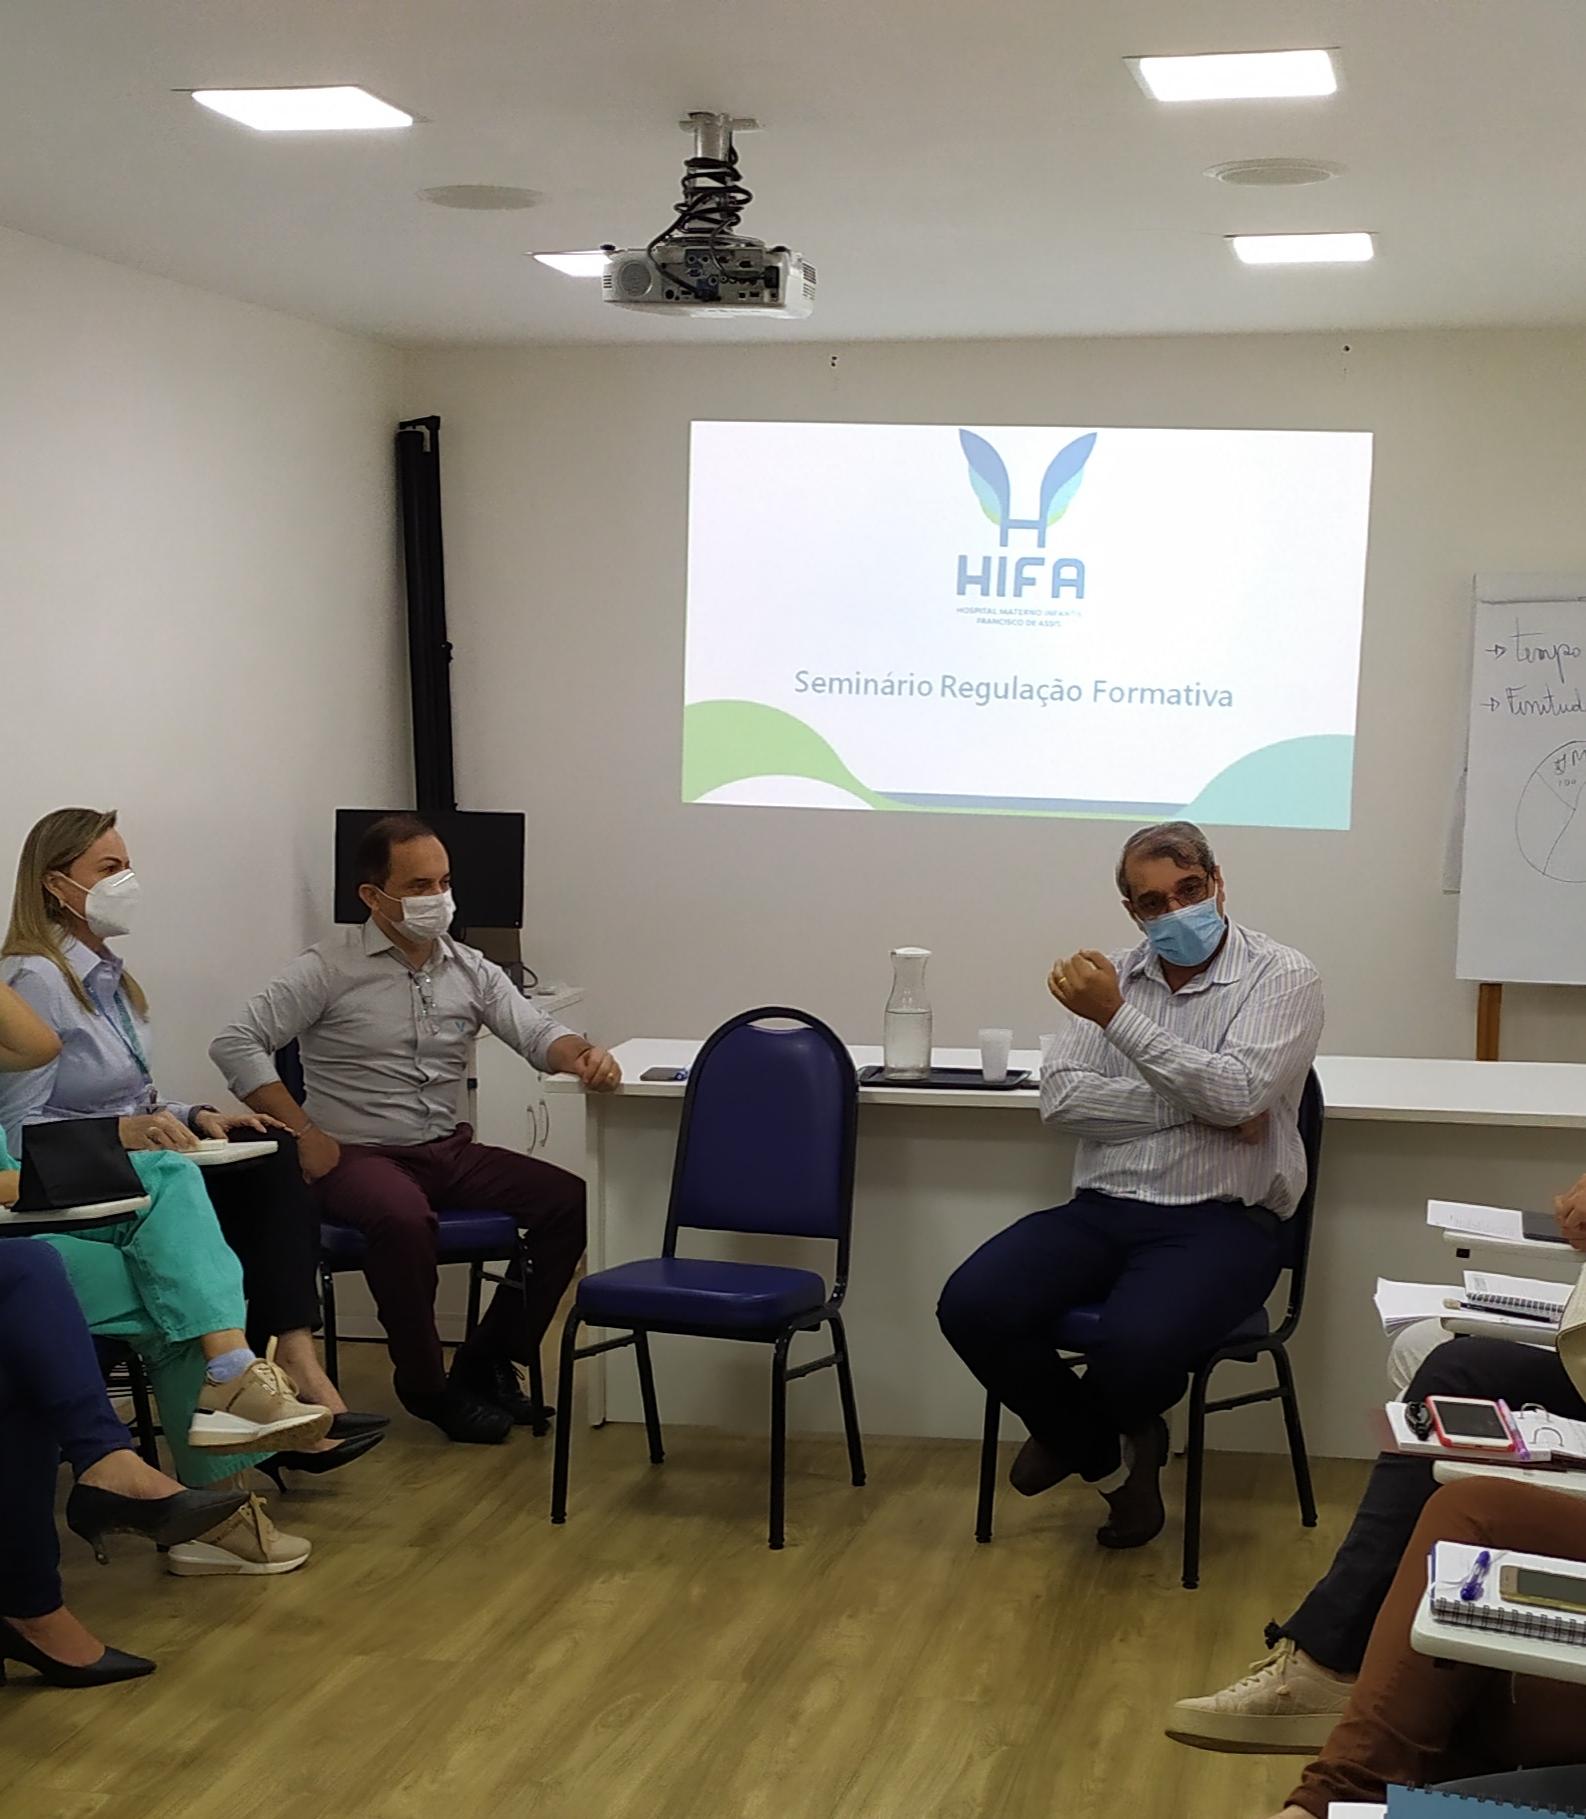 HIFA realiza Seminário de Regulação Formativa para capacitar gestores e corpo clínico